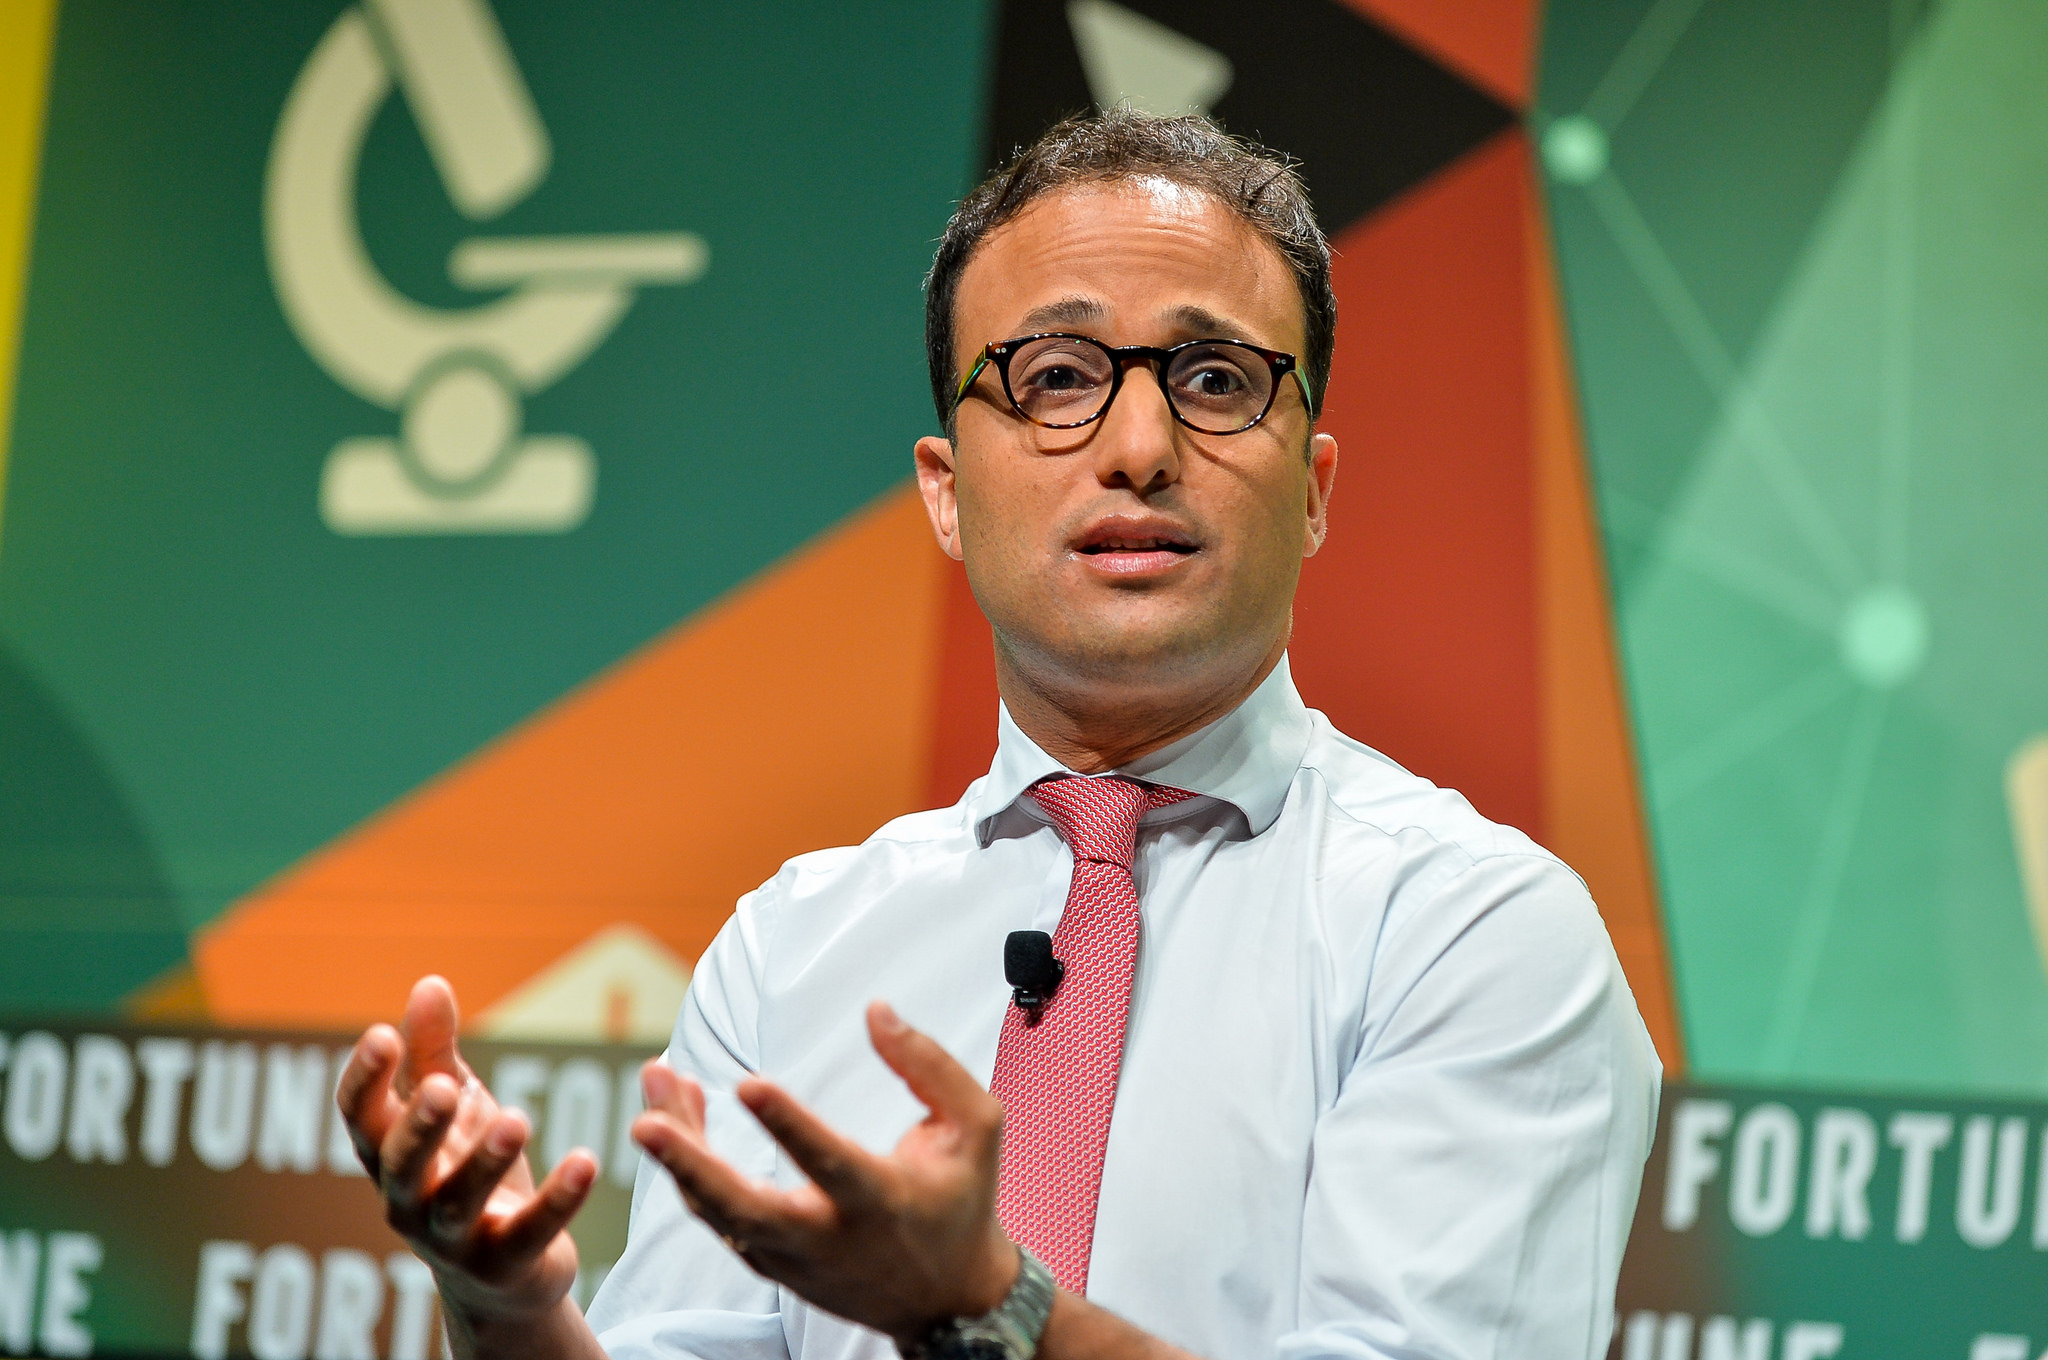 Yonatan Adiri, CEO of Healthy.io